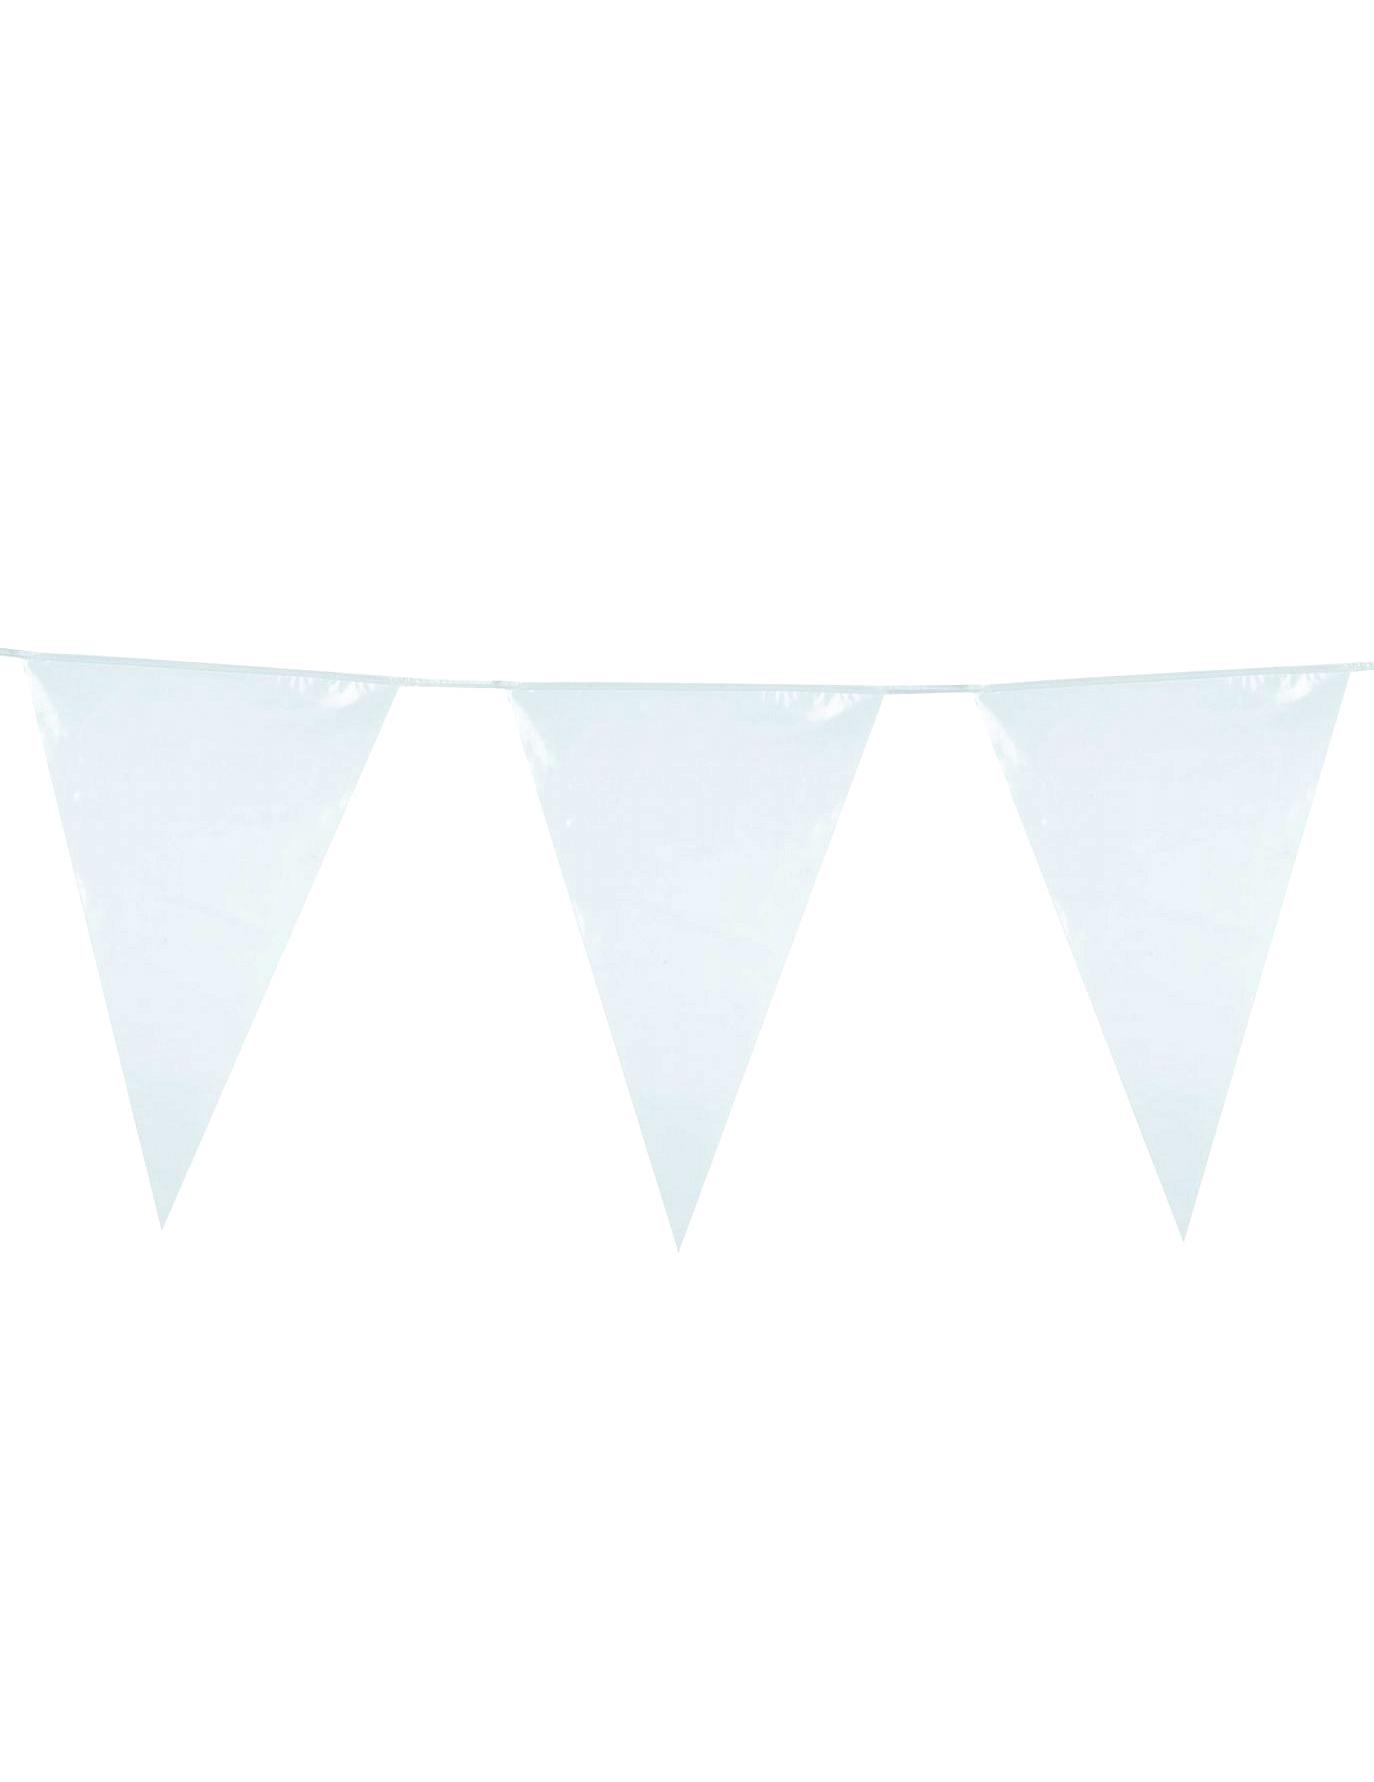 Guirlande fanions blanche d coration anniversaire et f tes th me sur vegaoo party - Guirlande guinguette blanche ...